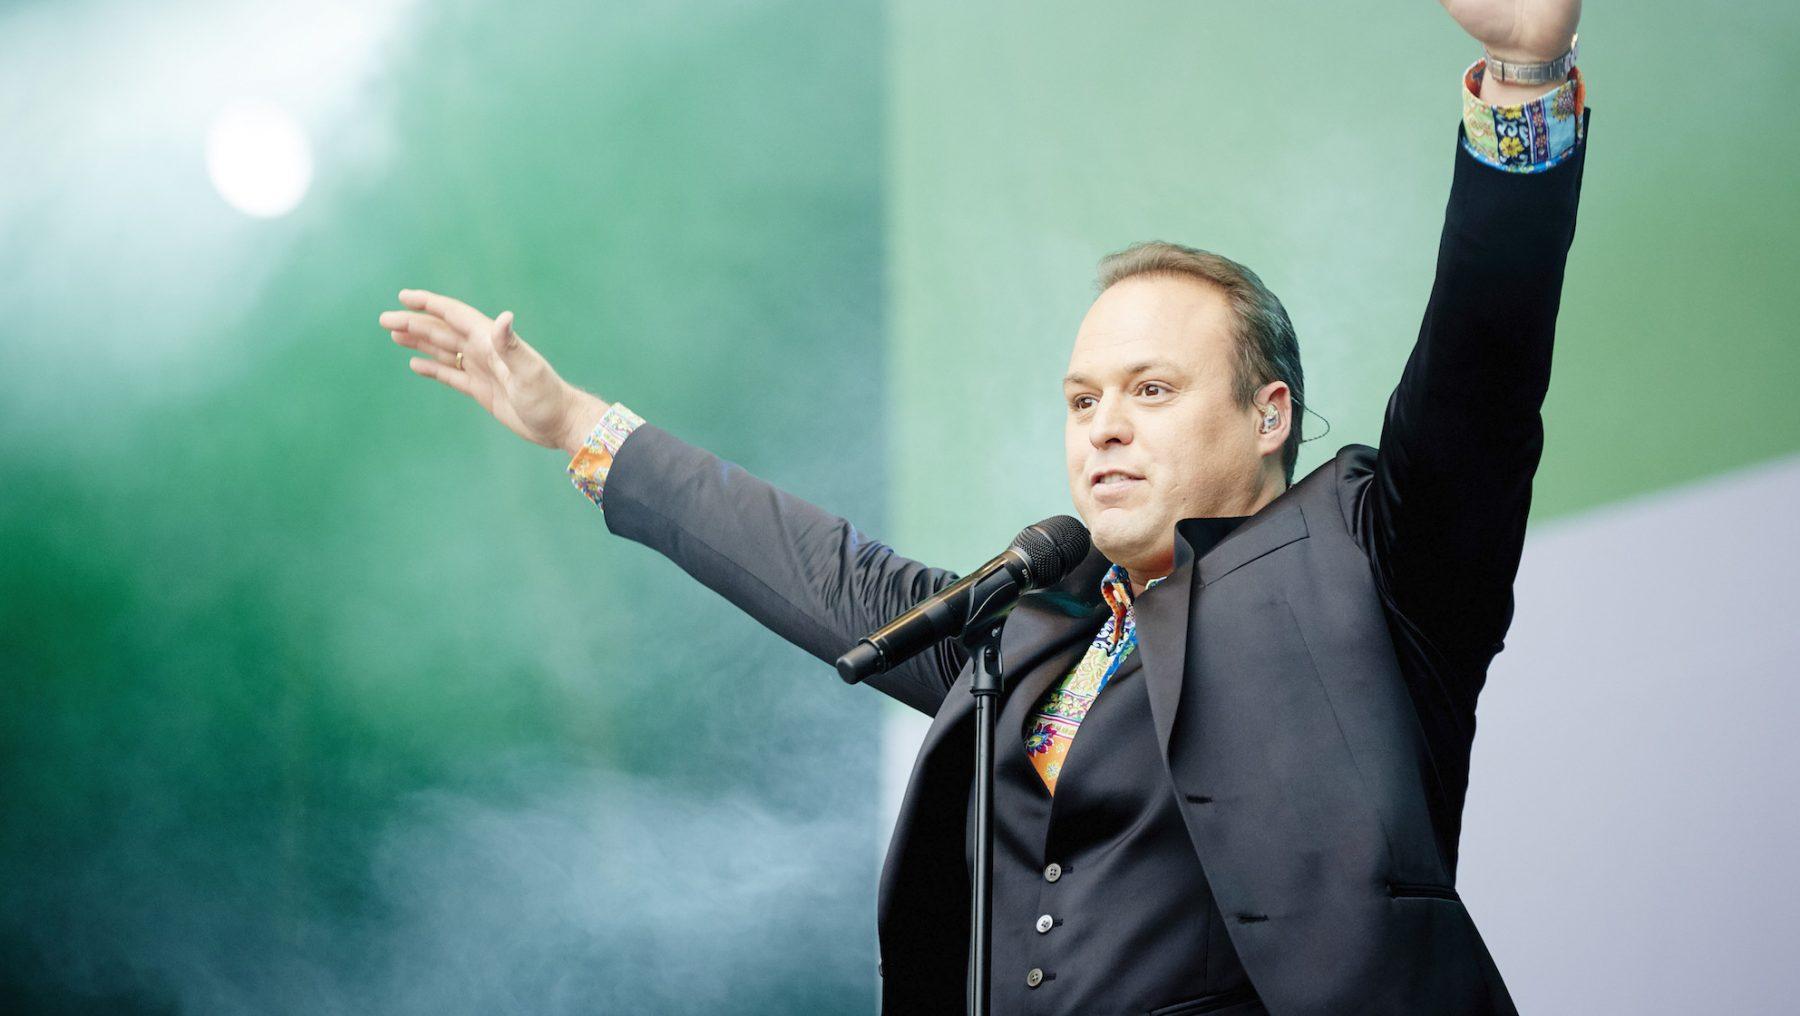 Frans Bauer verrast fans met nieuw nummer: 'Have you got a moment for me?'